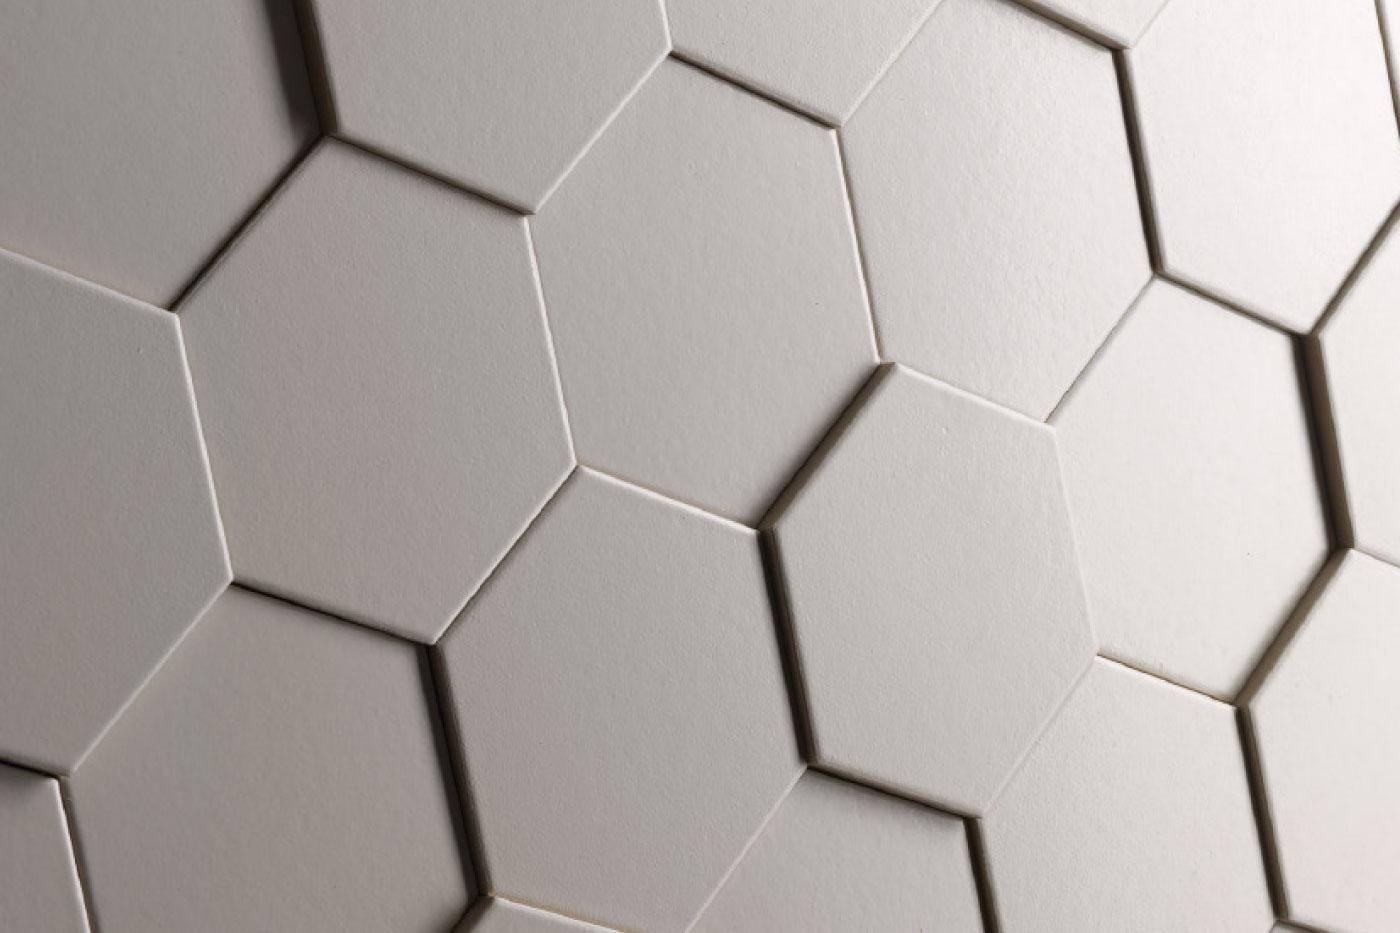 Fliesen-Fachmarkt Lauffen - Designfliesen